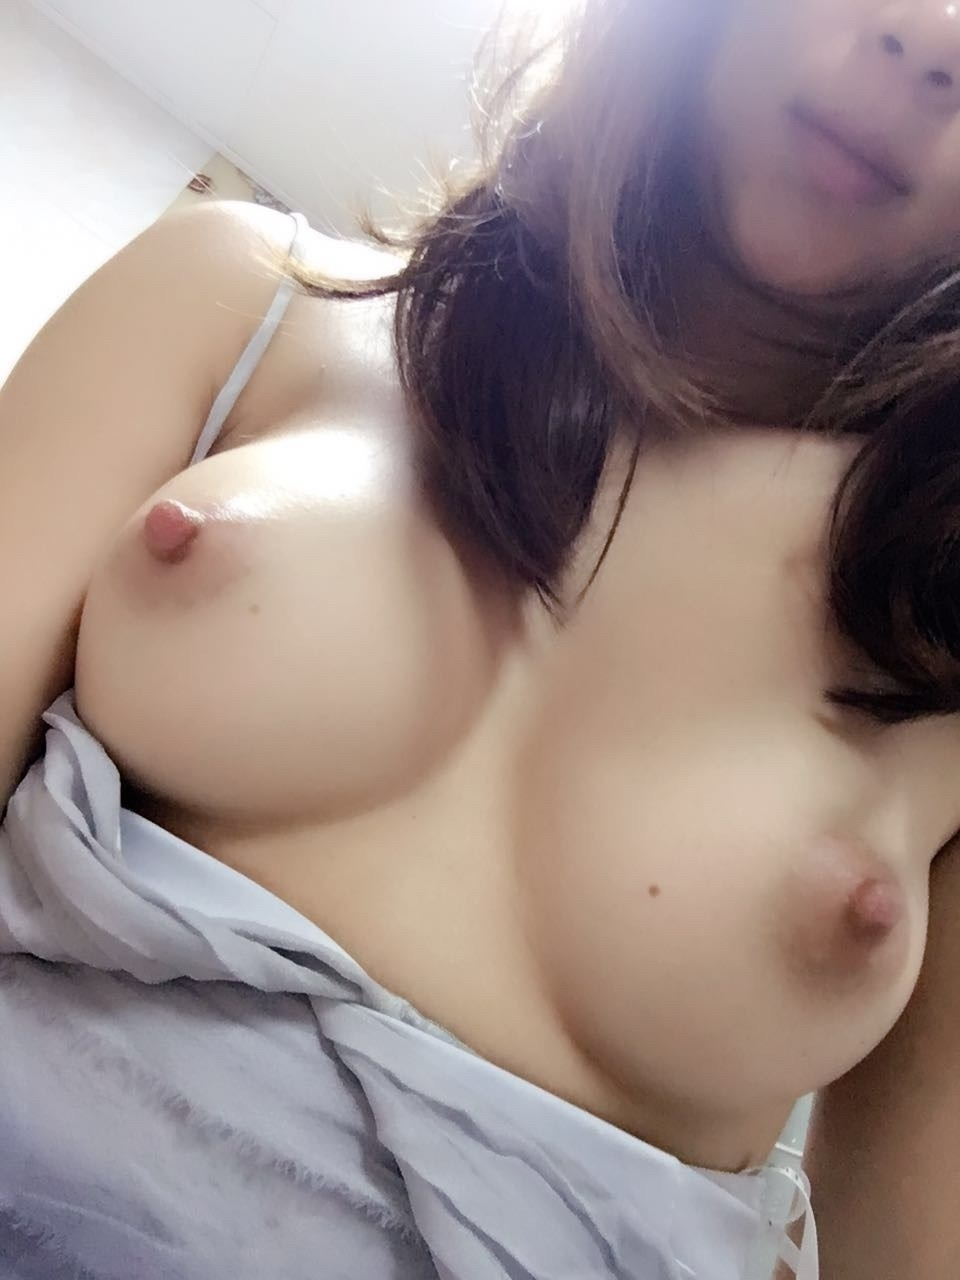 美乳な美人妻のおっぱい画像 8